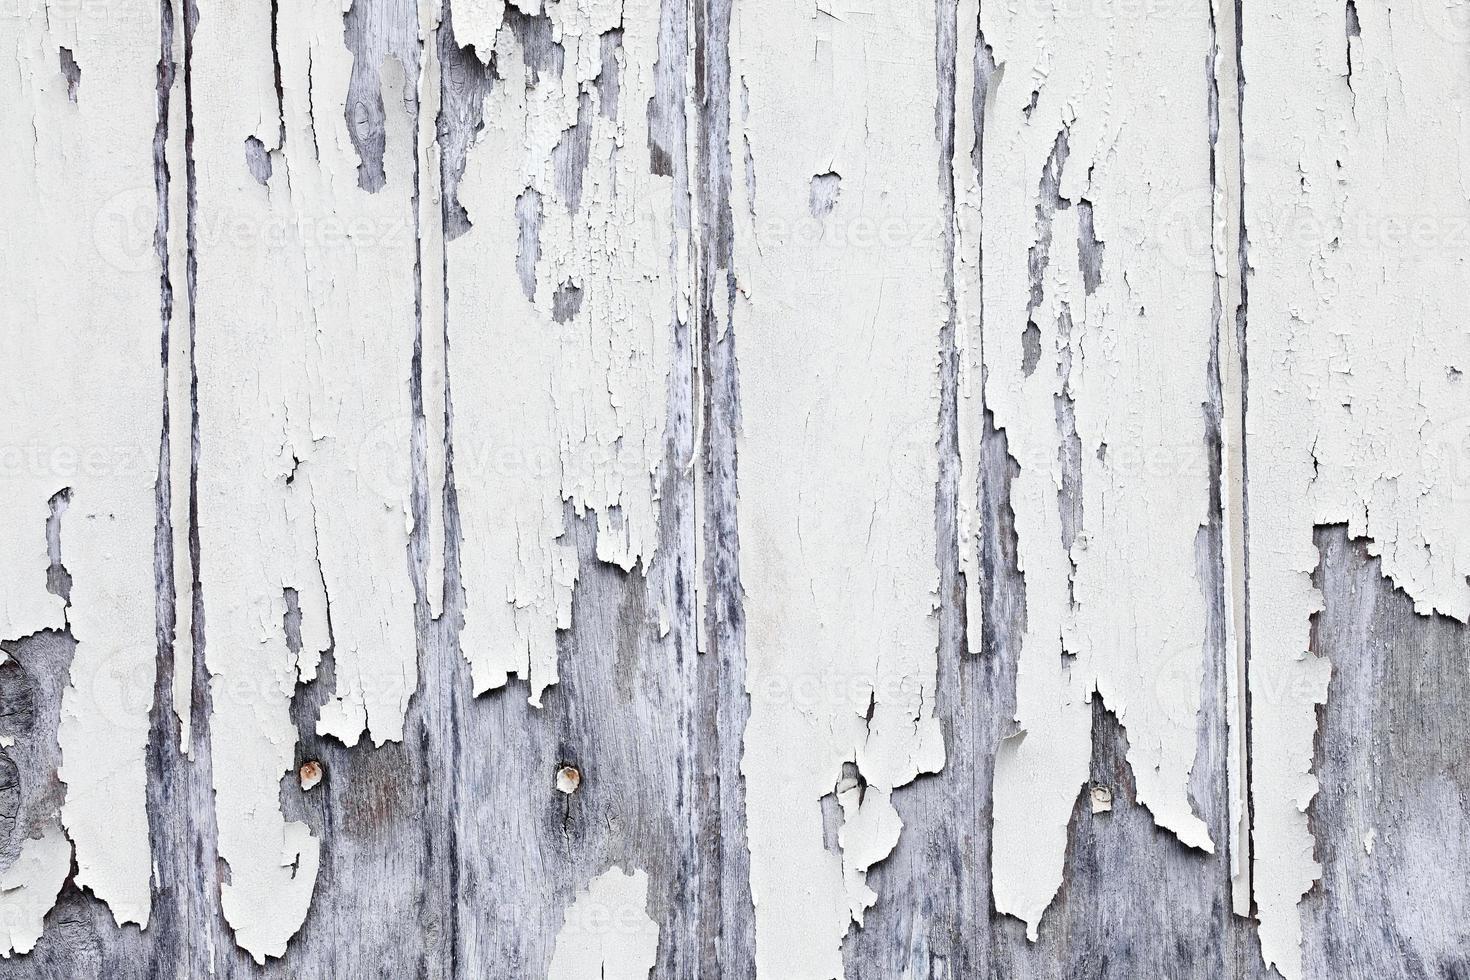 painel de madeira do grunge foto